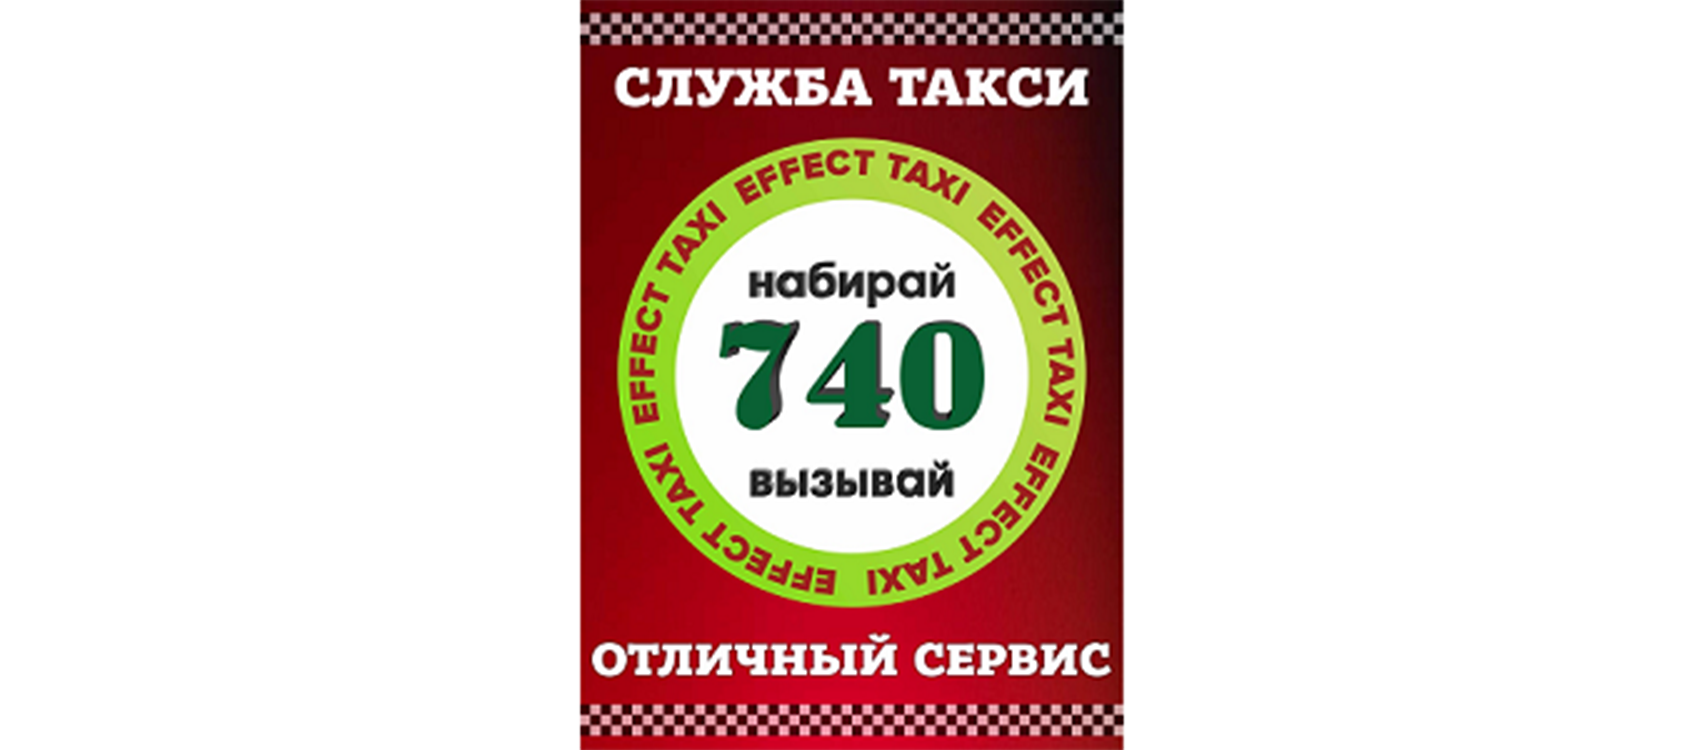 Таксі Ефект 740  (Дніпропетровська)